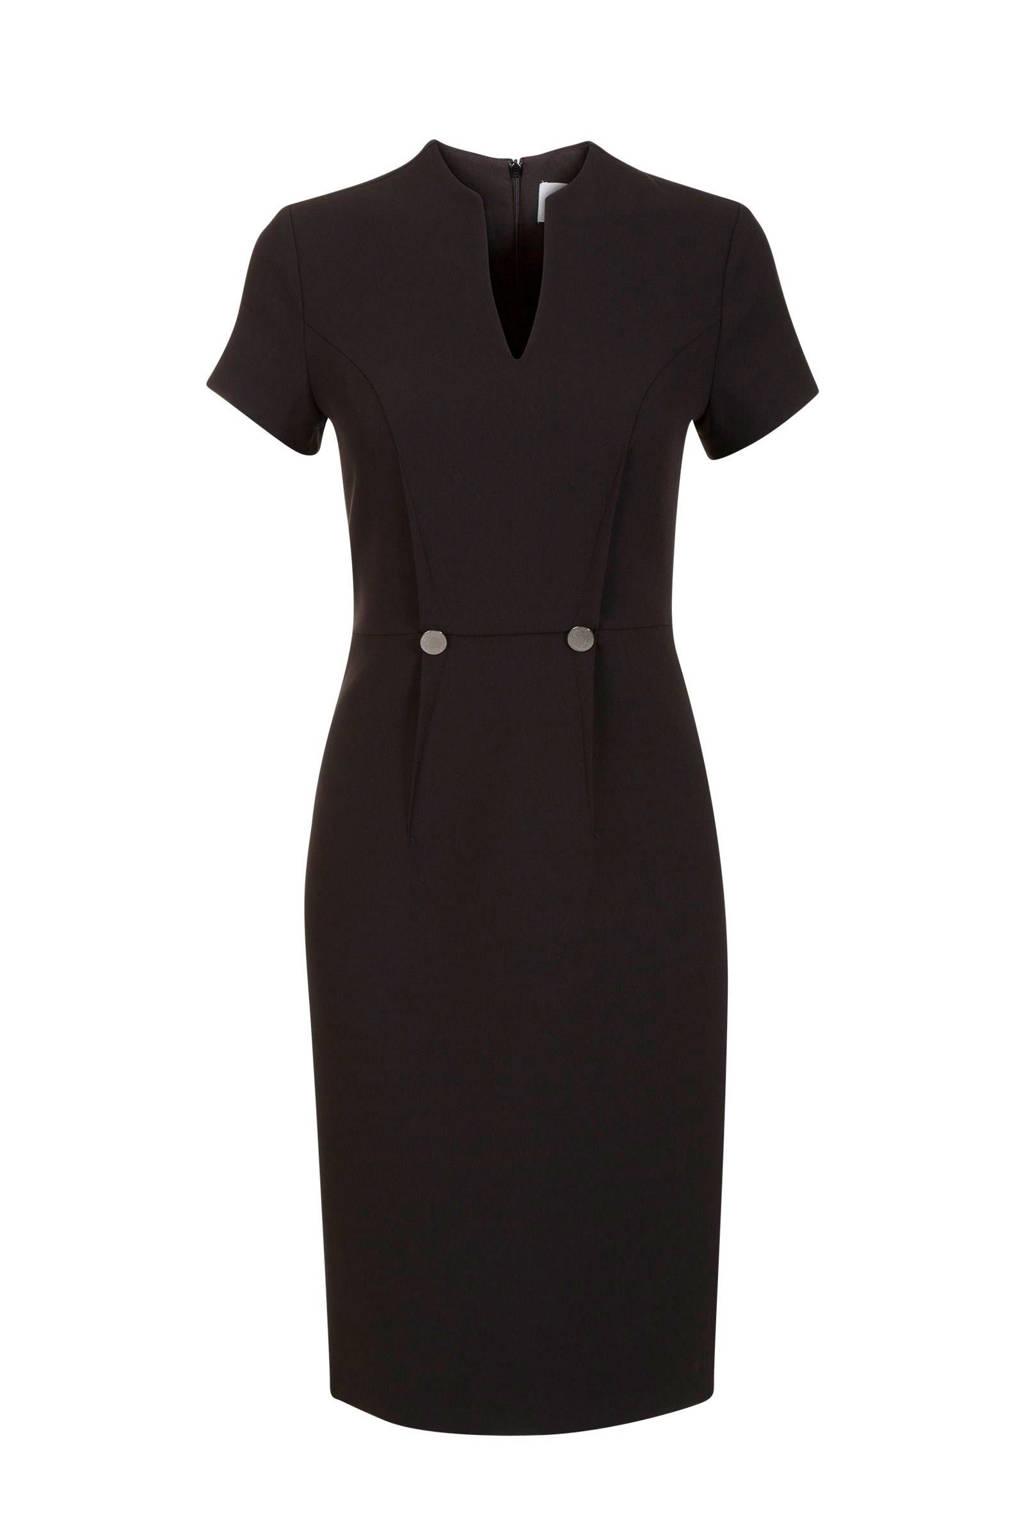 Promiss jurk met decoratieve knopen zwart, Zwart